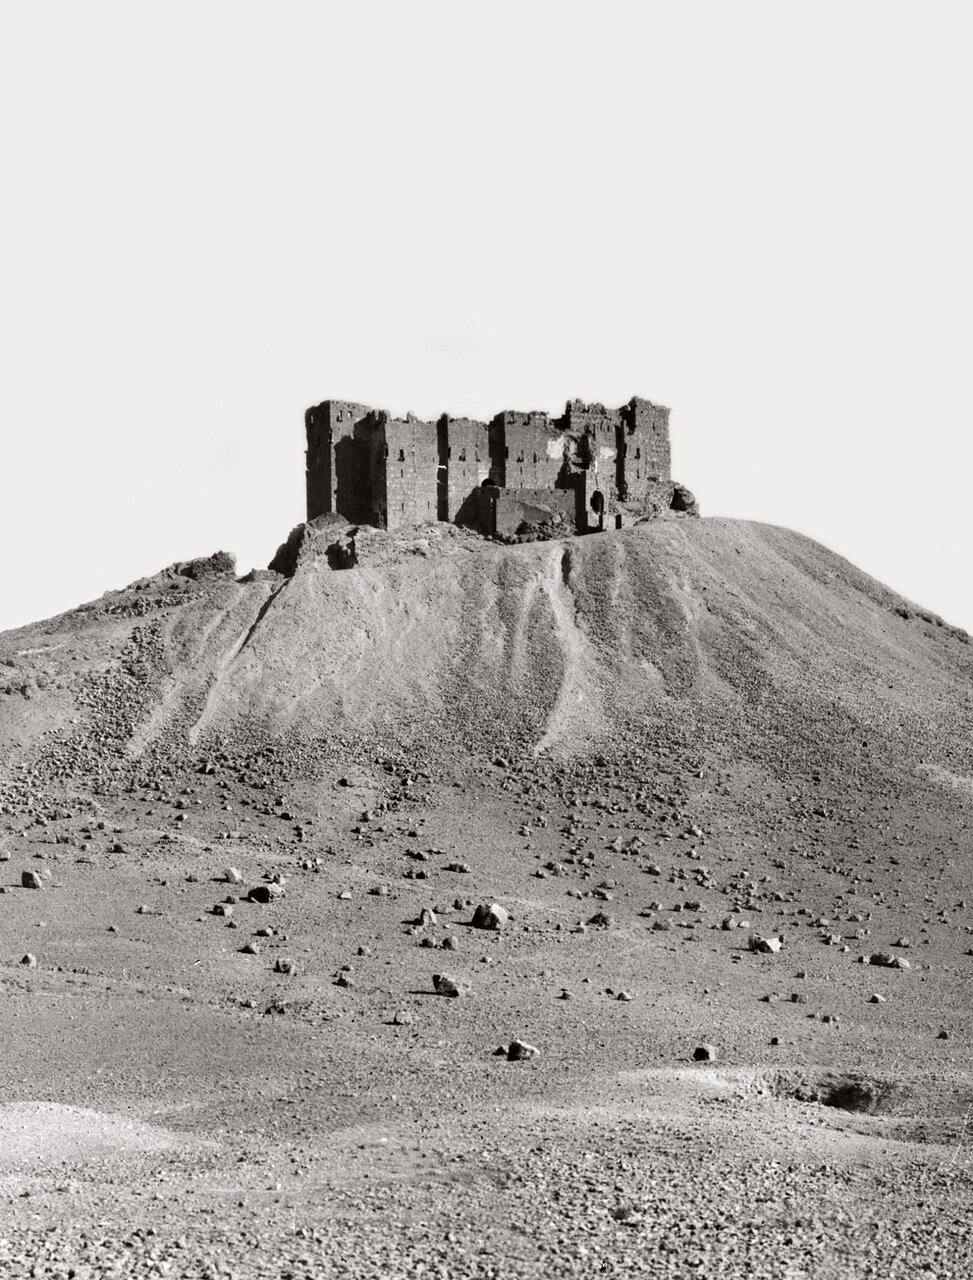 Турецкая крепость. Пальмира. Тадмор, Сирия. 1900-1920 гг.